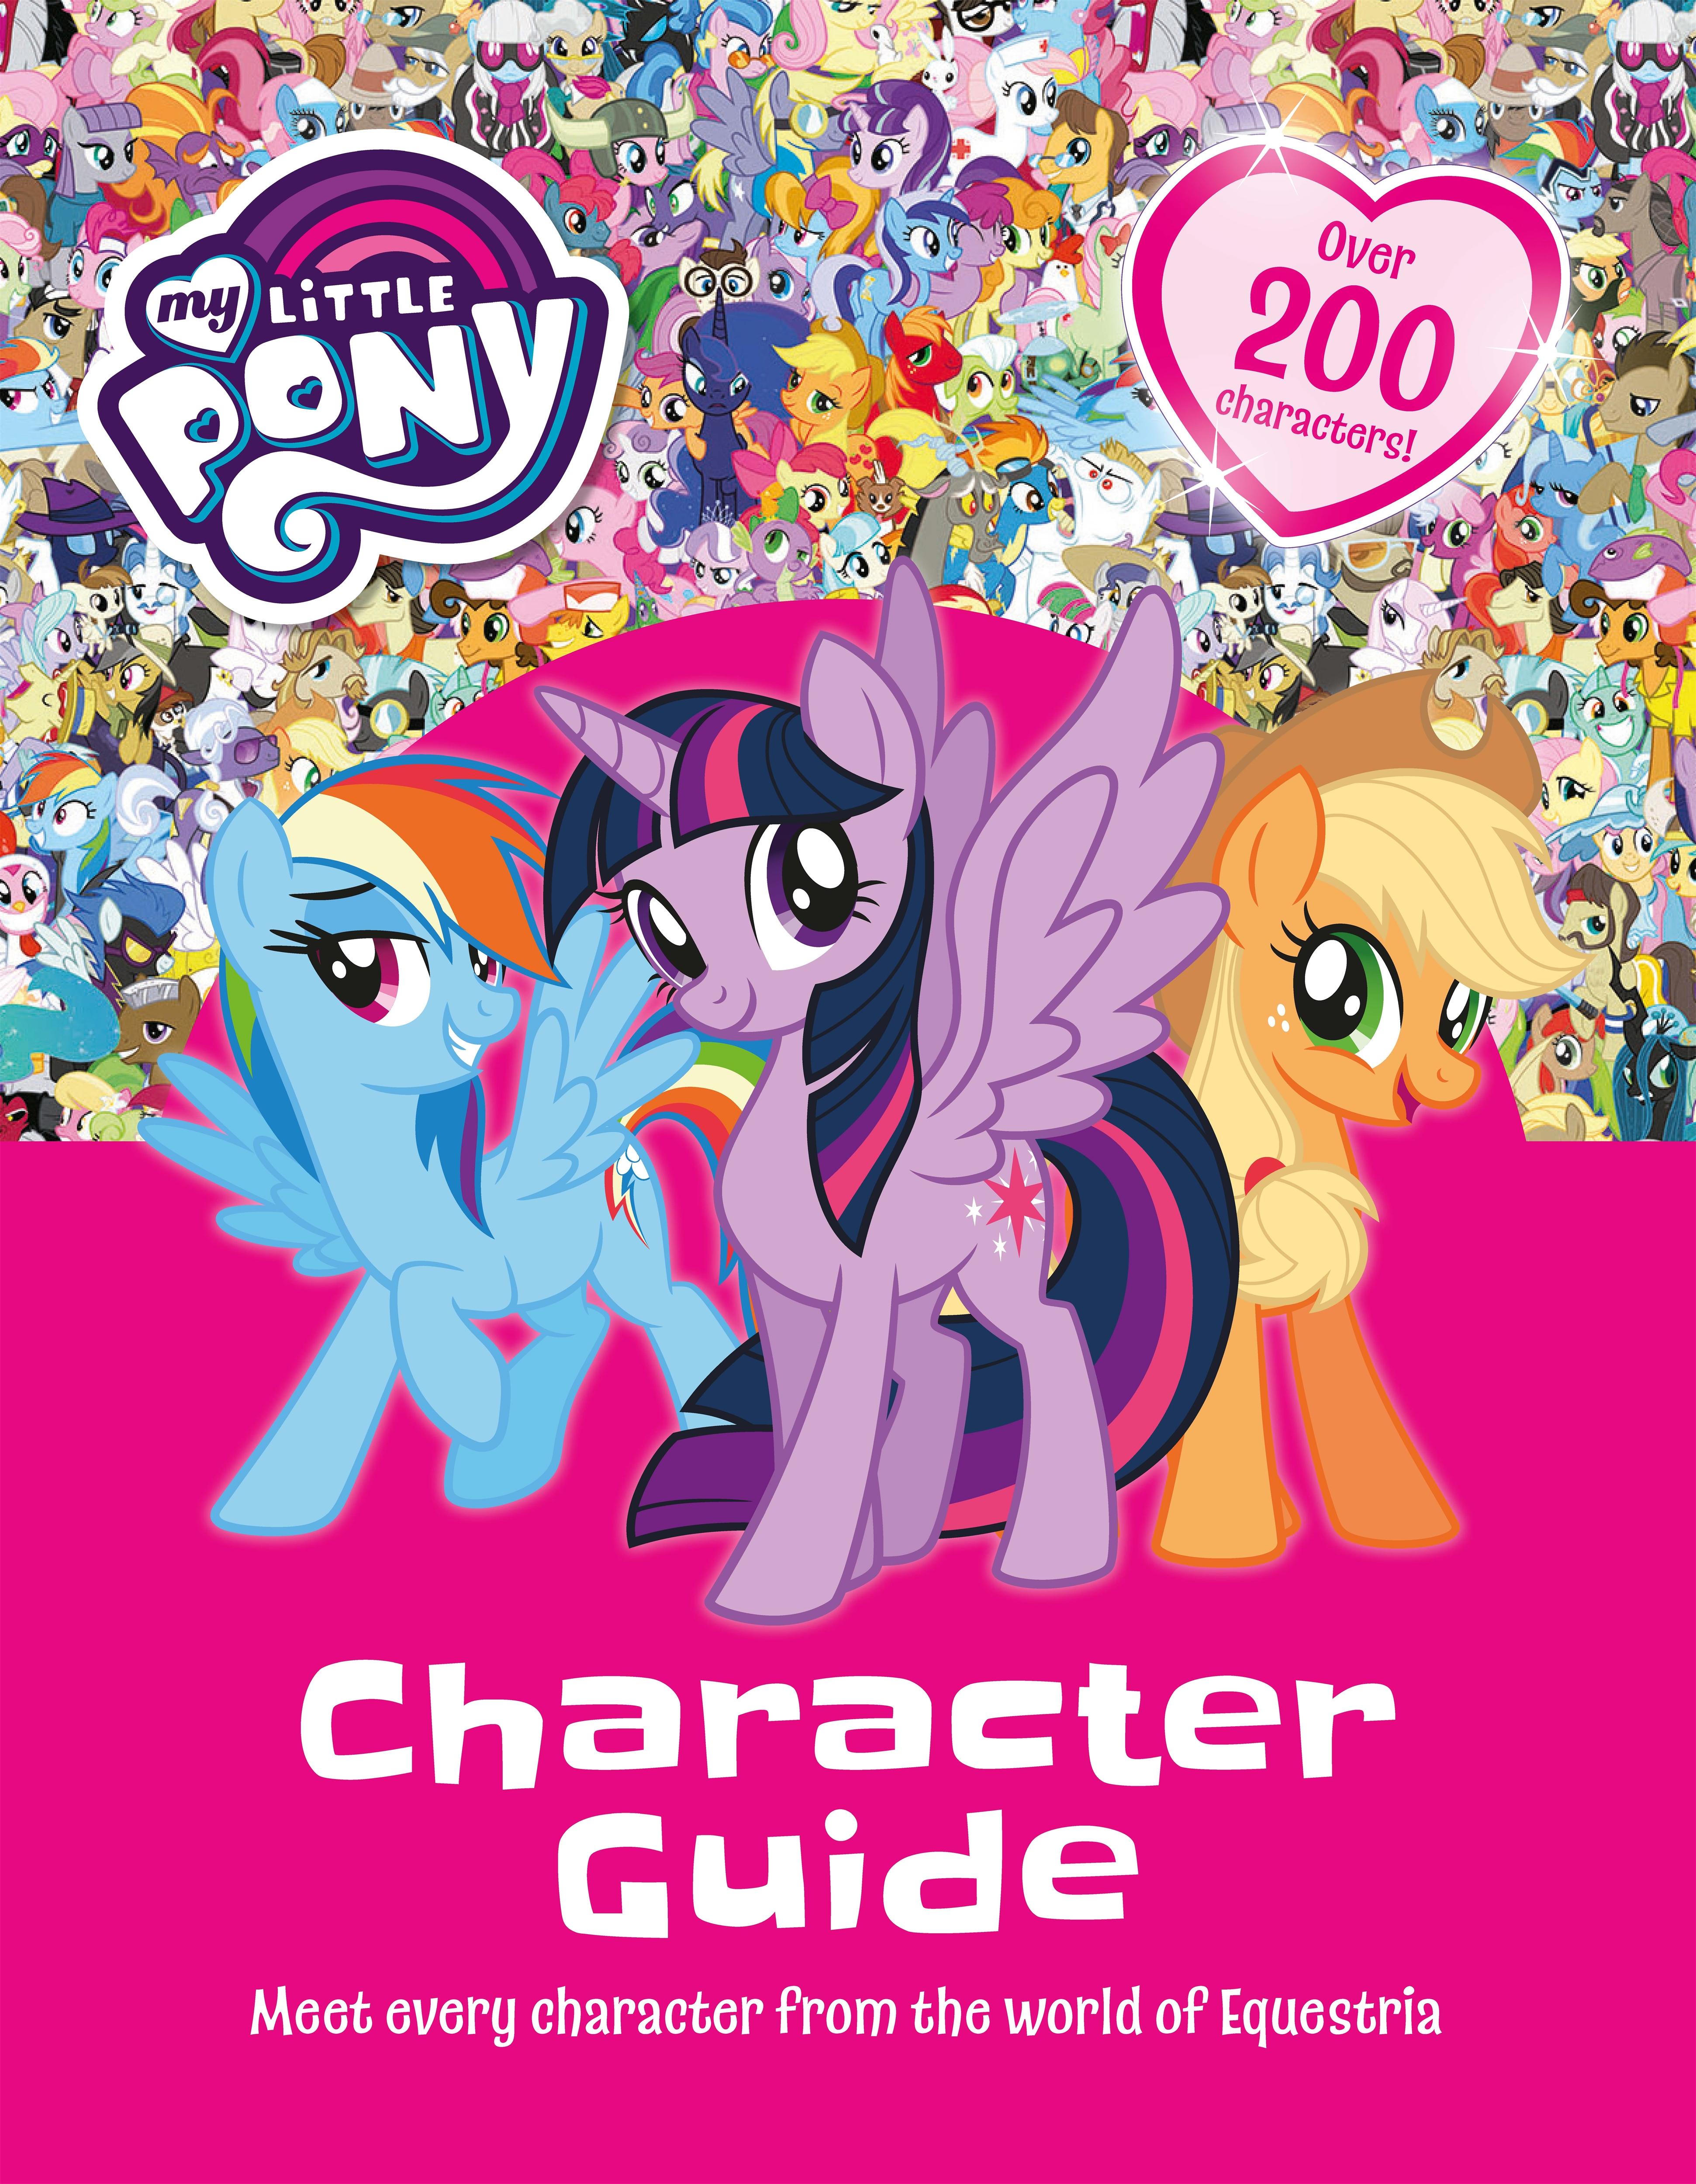 My little pony p***